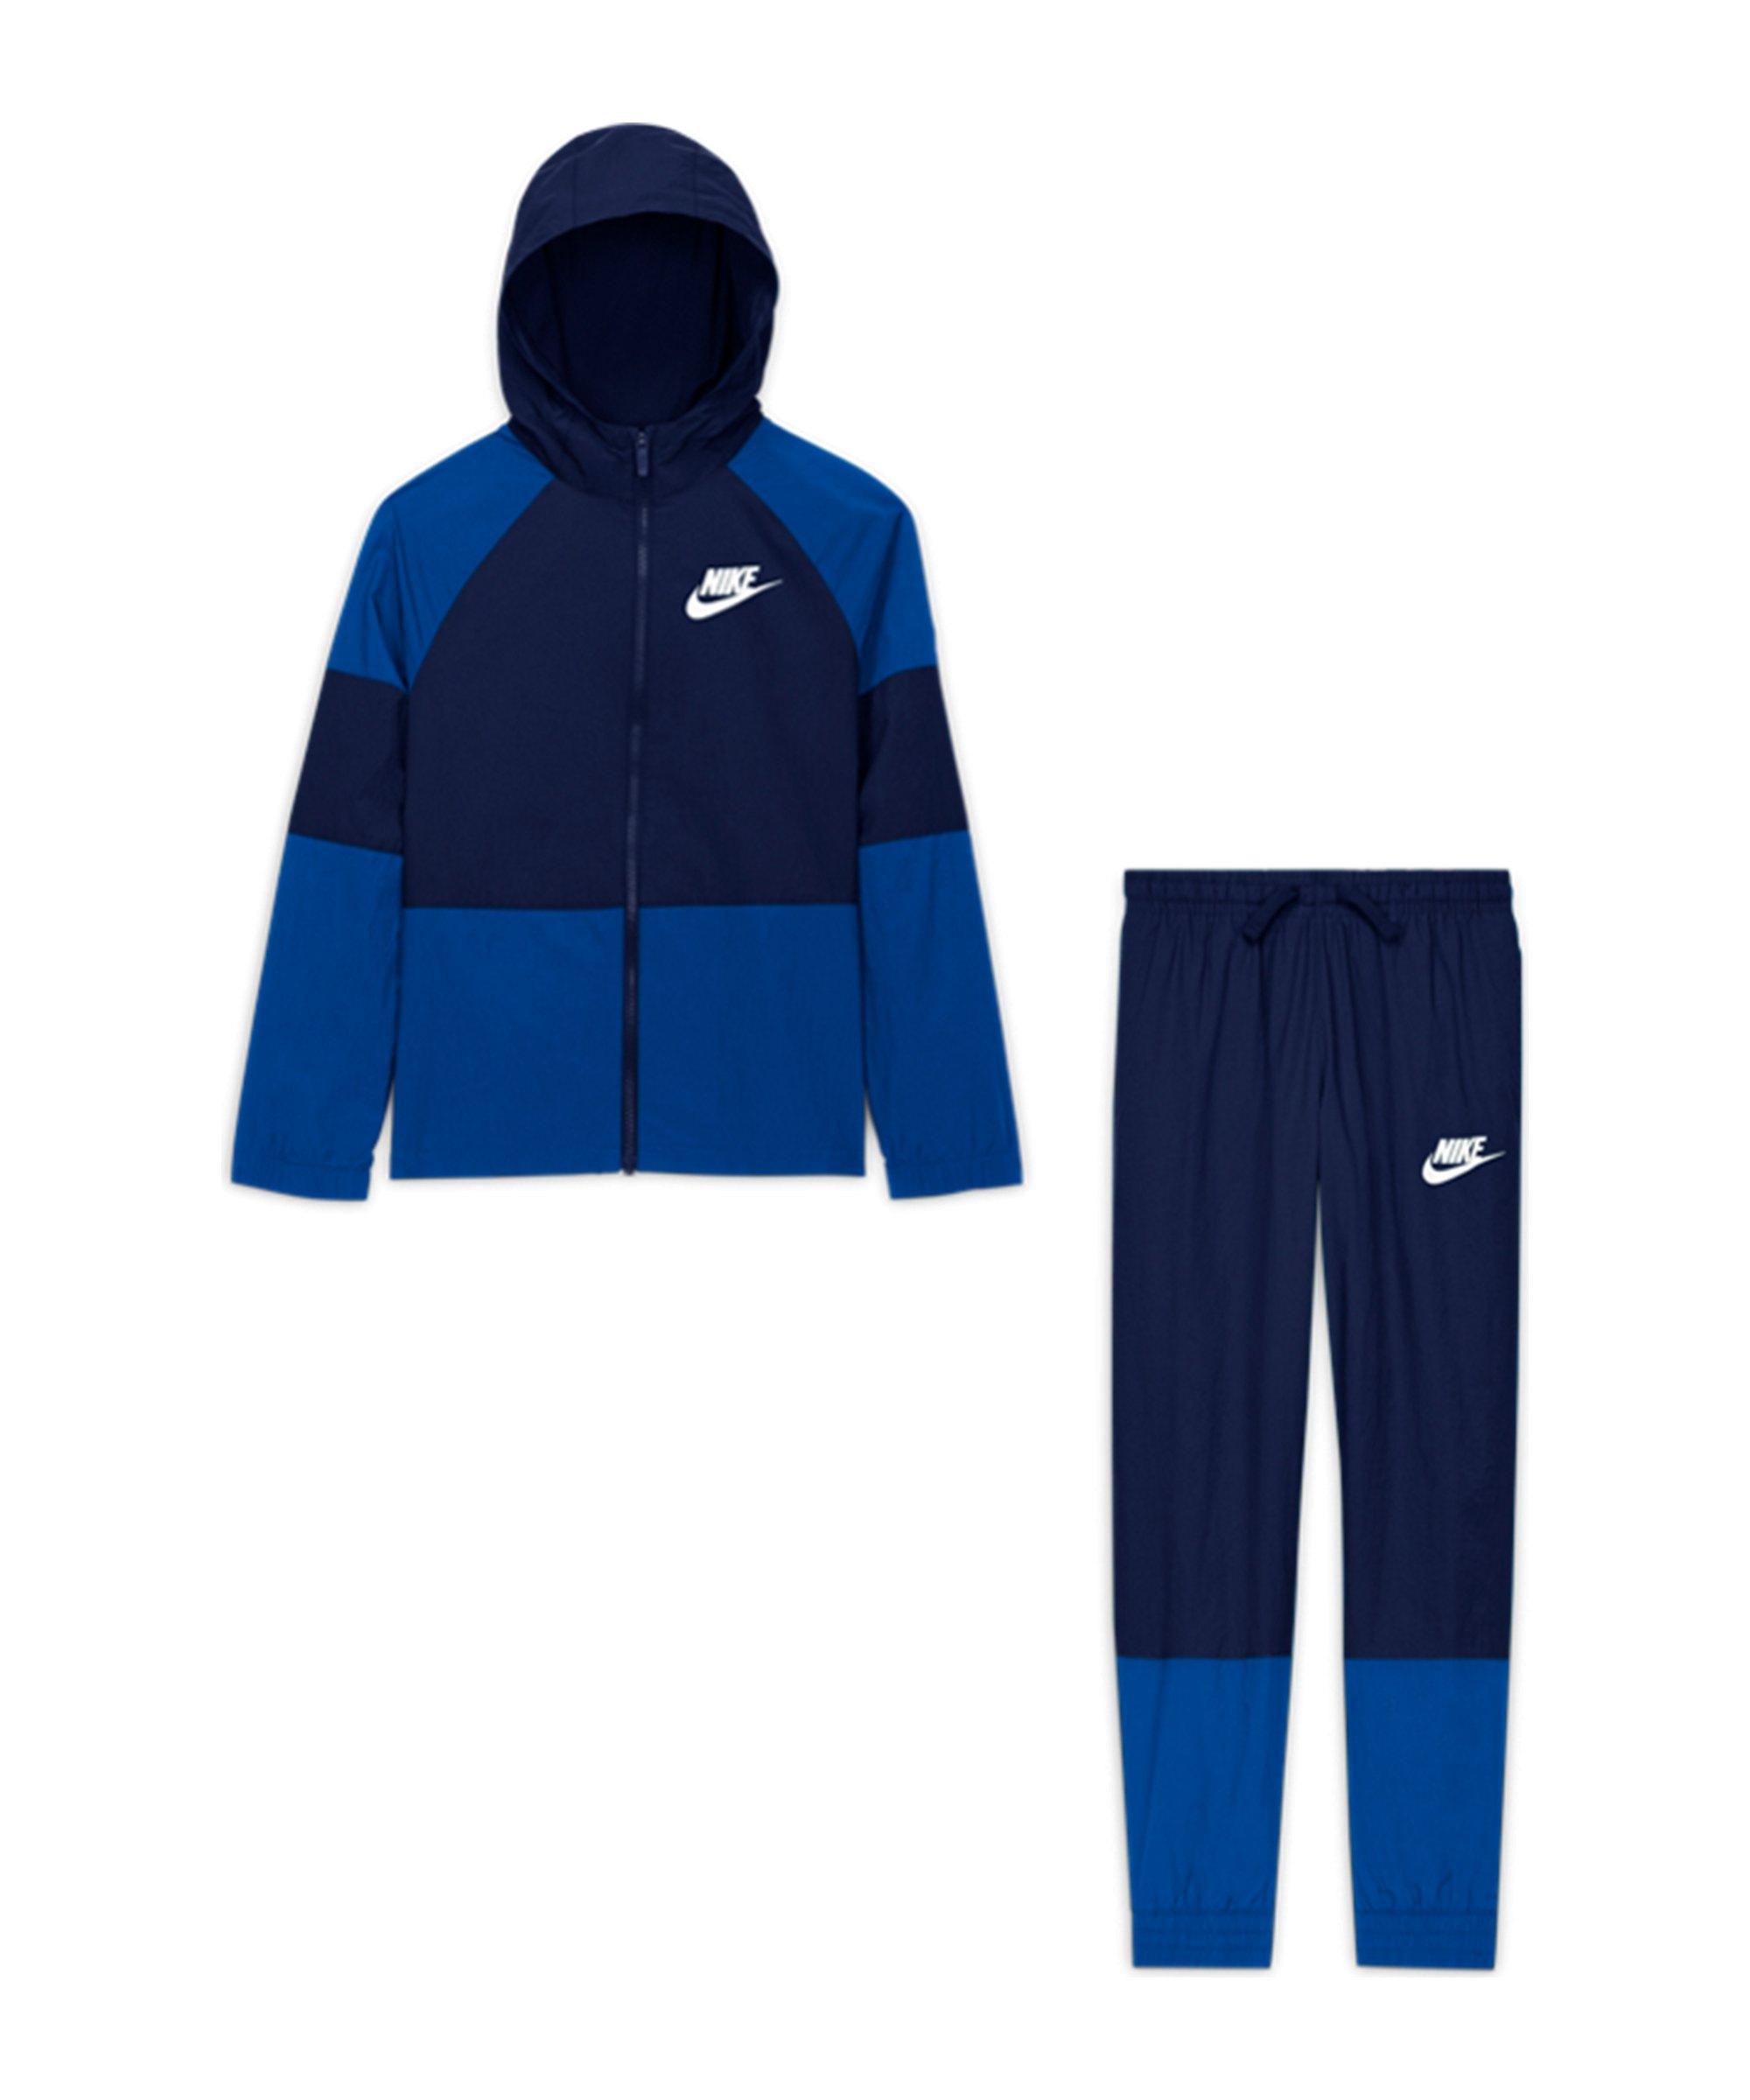 Nike HBR Woven Freizeitanzug Kids Blau F492 - blau